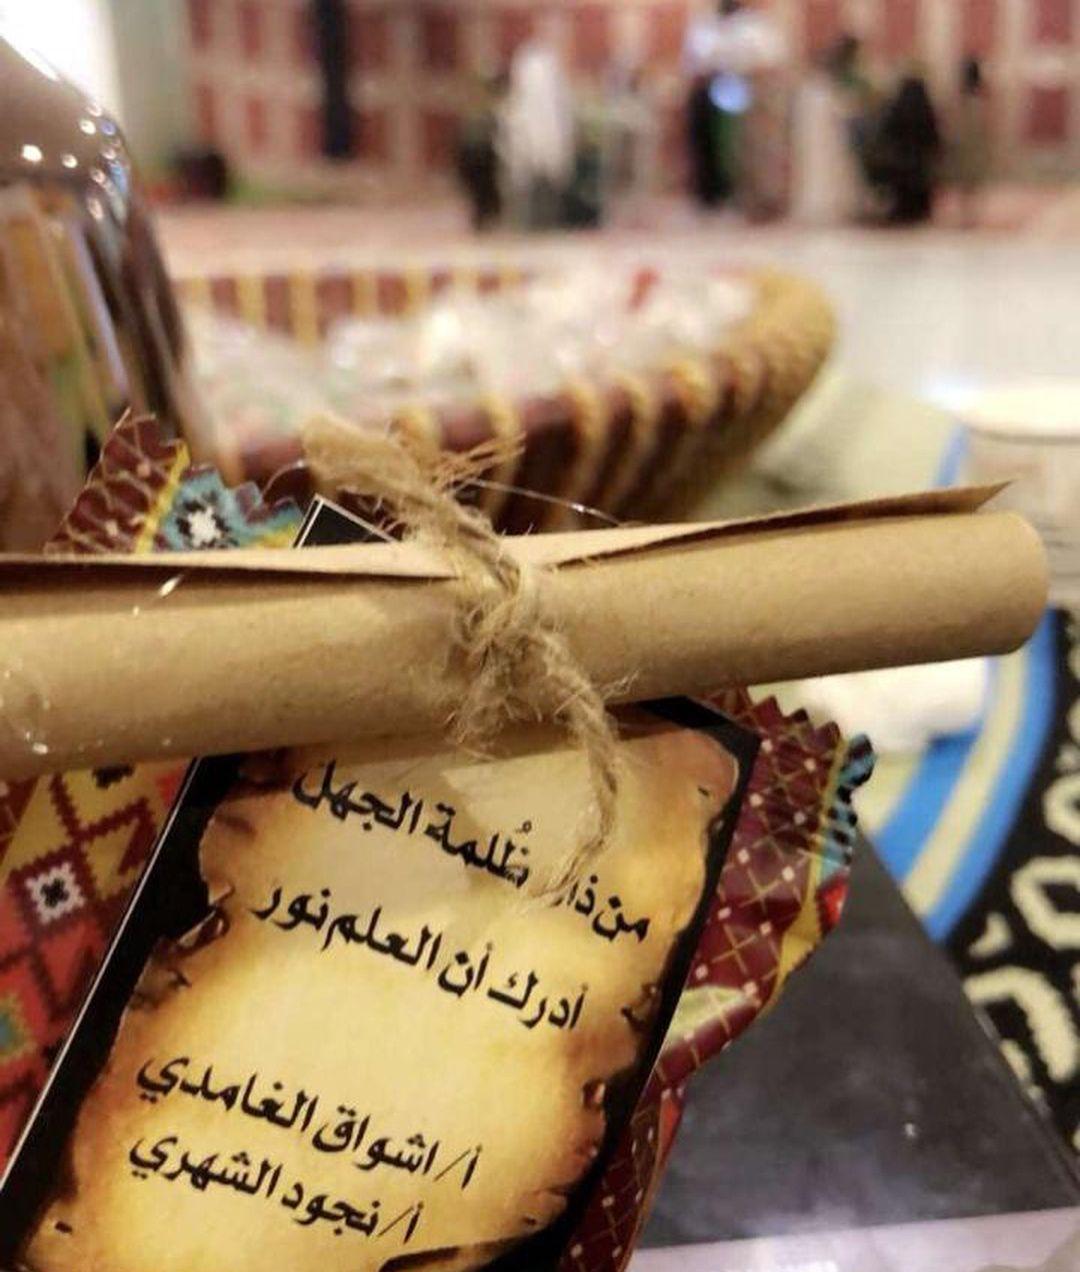 مهرجان الجنادرية من ذاق ظلمة الجهل أدرك أن العلم نور مصطفى نور الدين